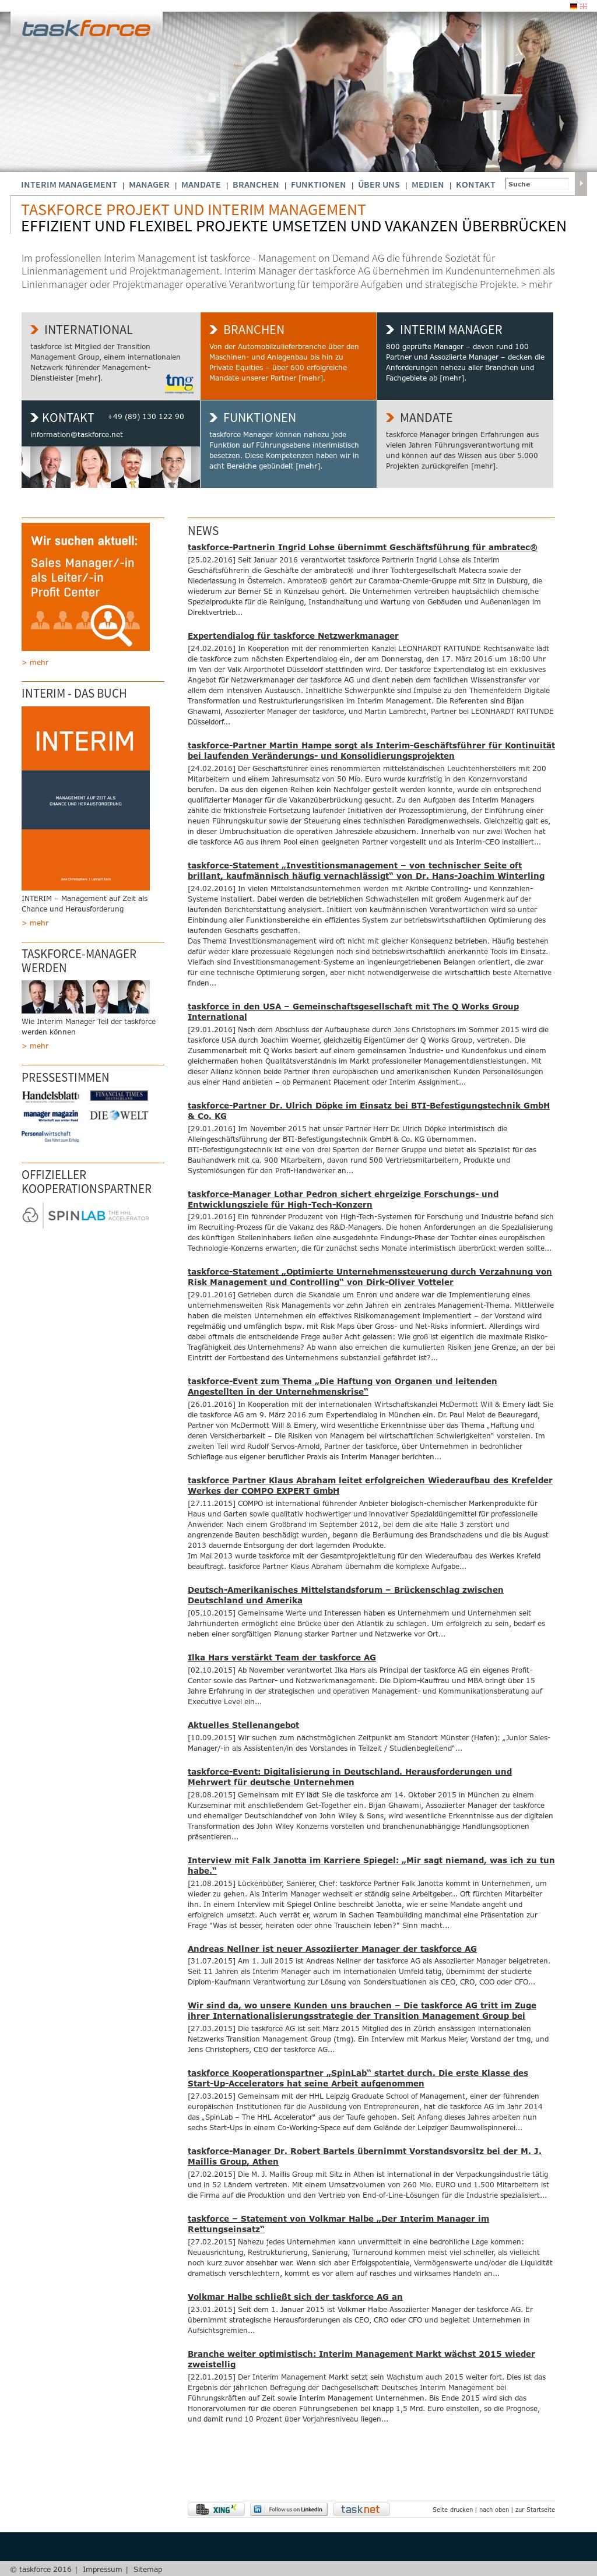 Ausgezeichnet Tutor Setzt Proben Fort Bilder - Entry Level Resume ...